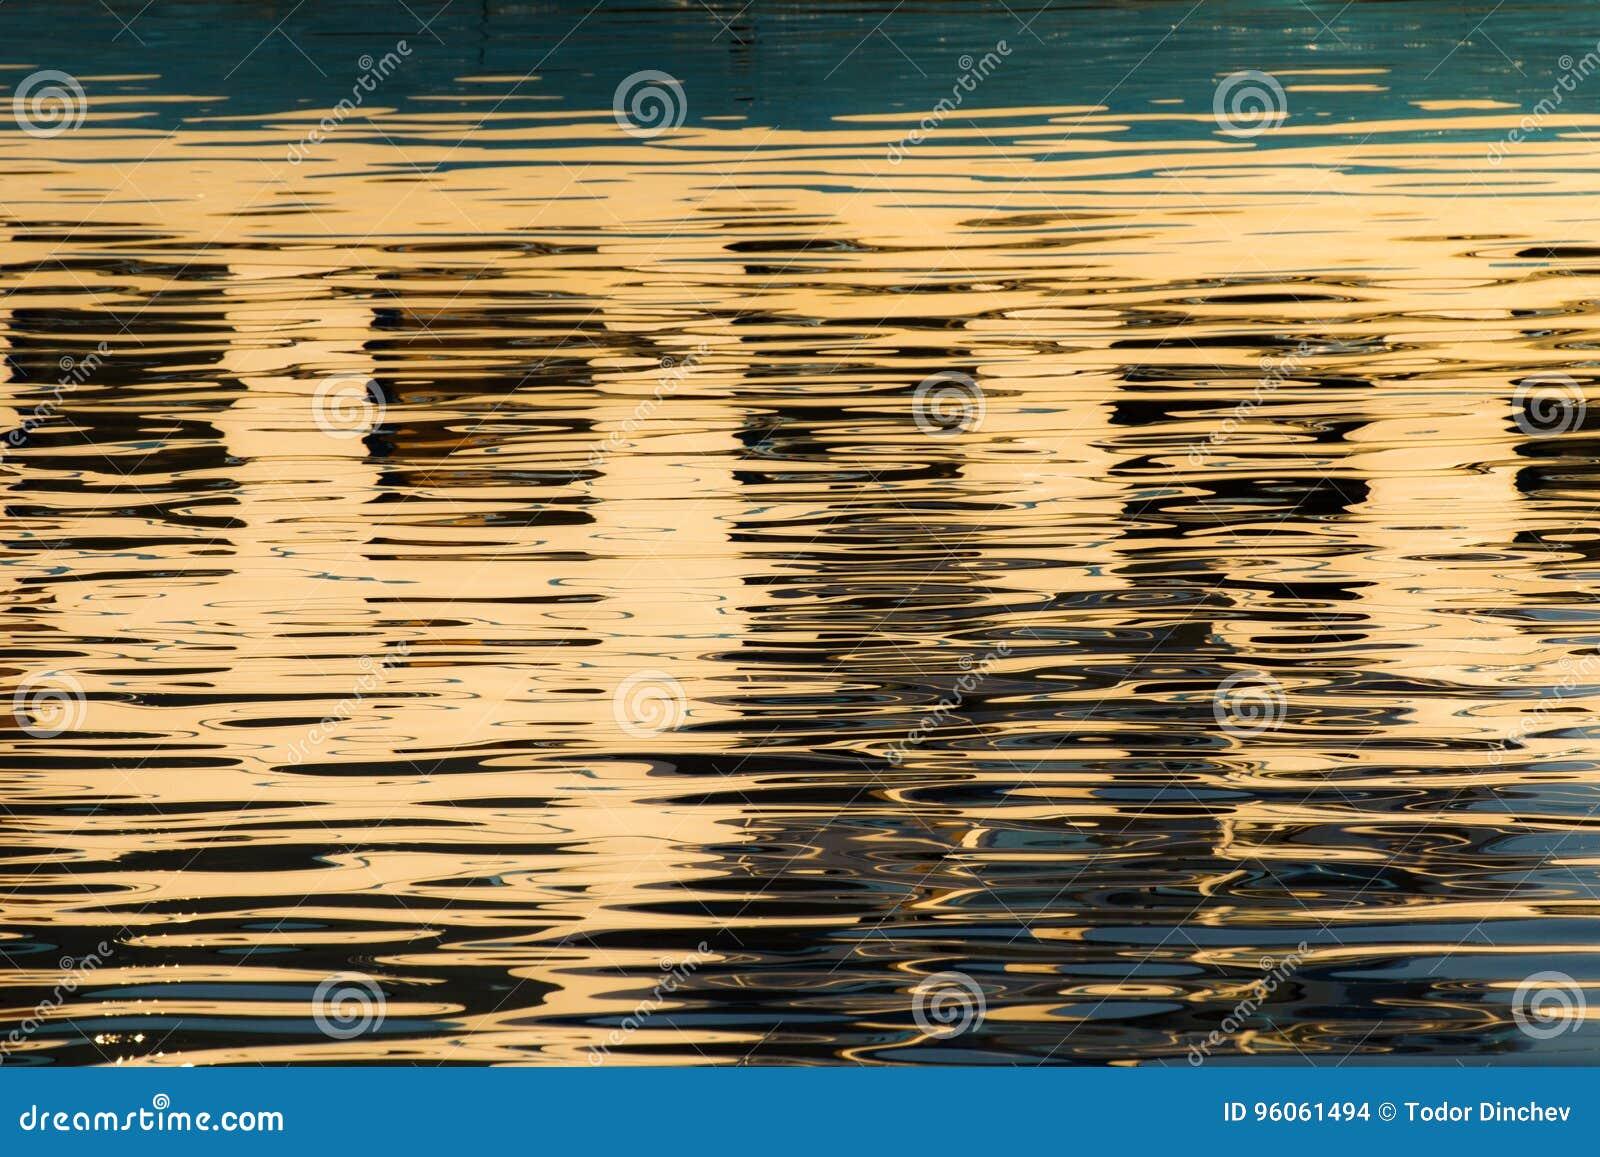 Réflexion des fenêtres dans les eaux du lac